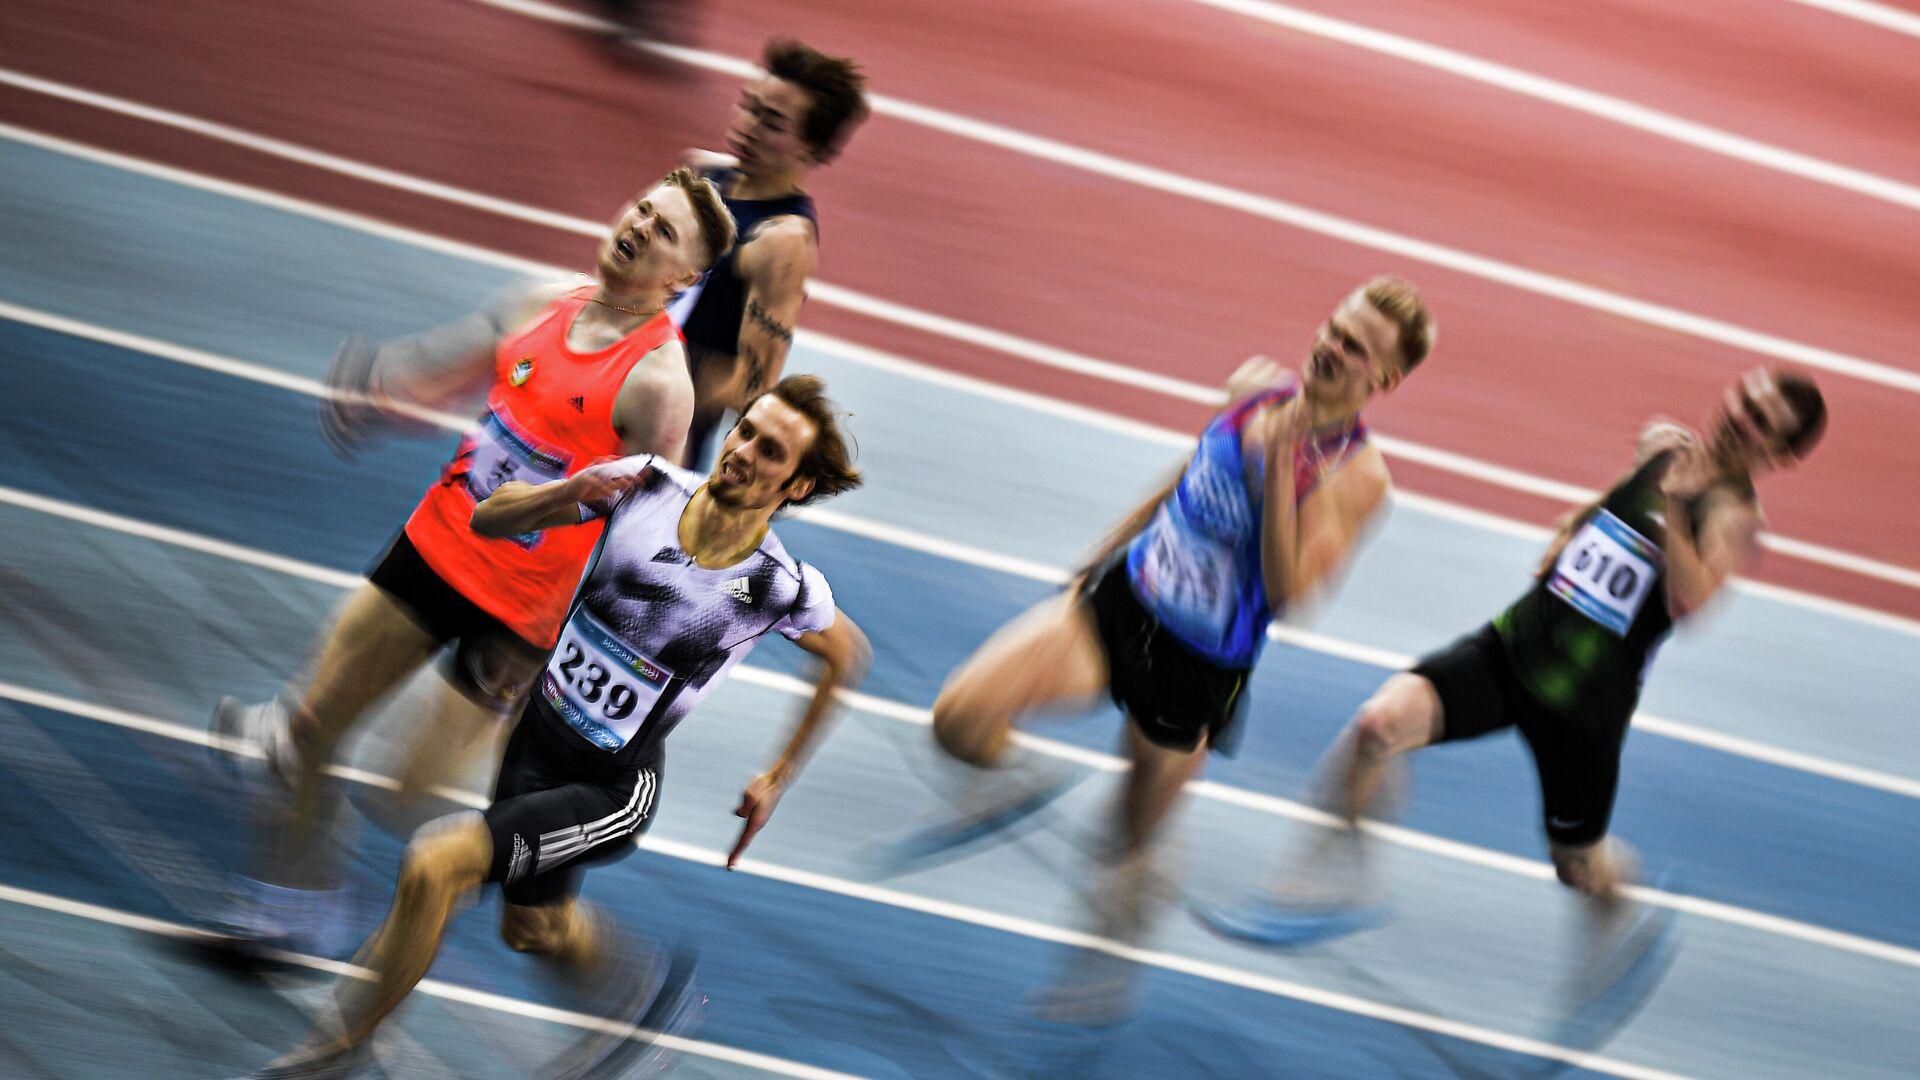 Спортсмены во время соревнований в беге на дистанции 400 метров на чемпионате России по легкой атлетике в помещении в Москве. - РИА Новости, 1920, 17.02.2021